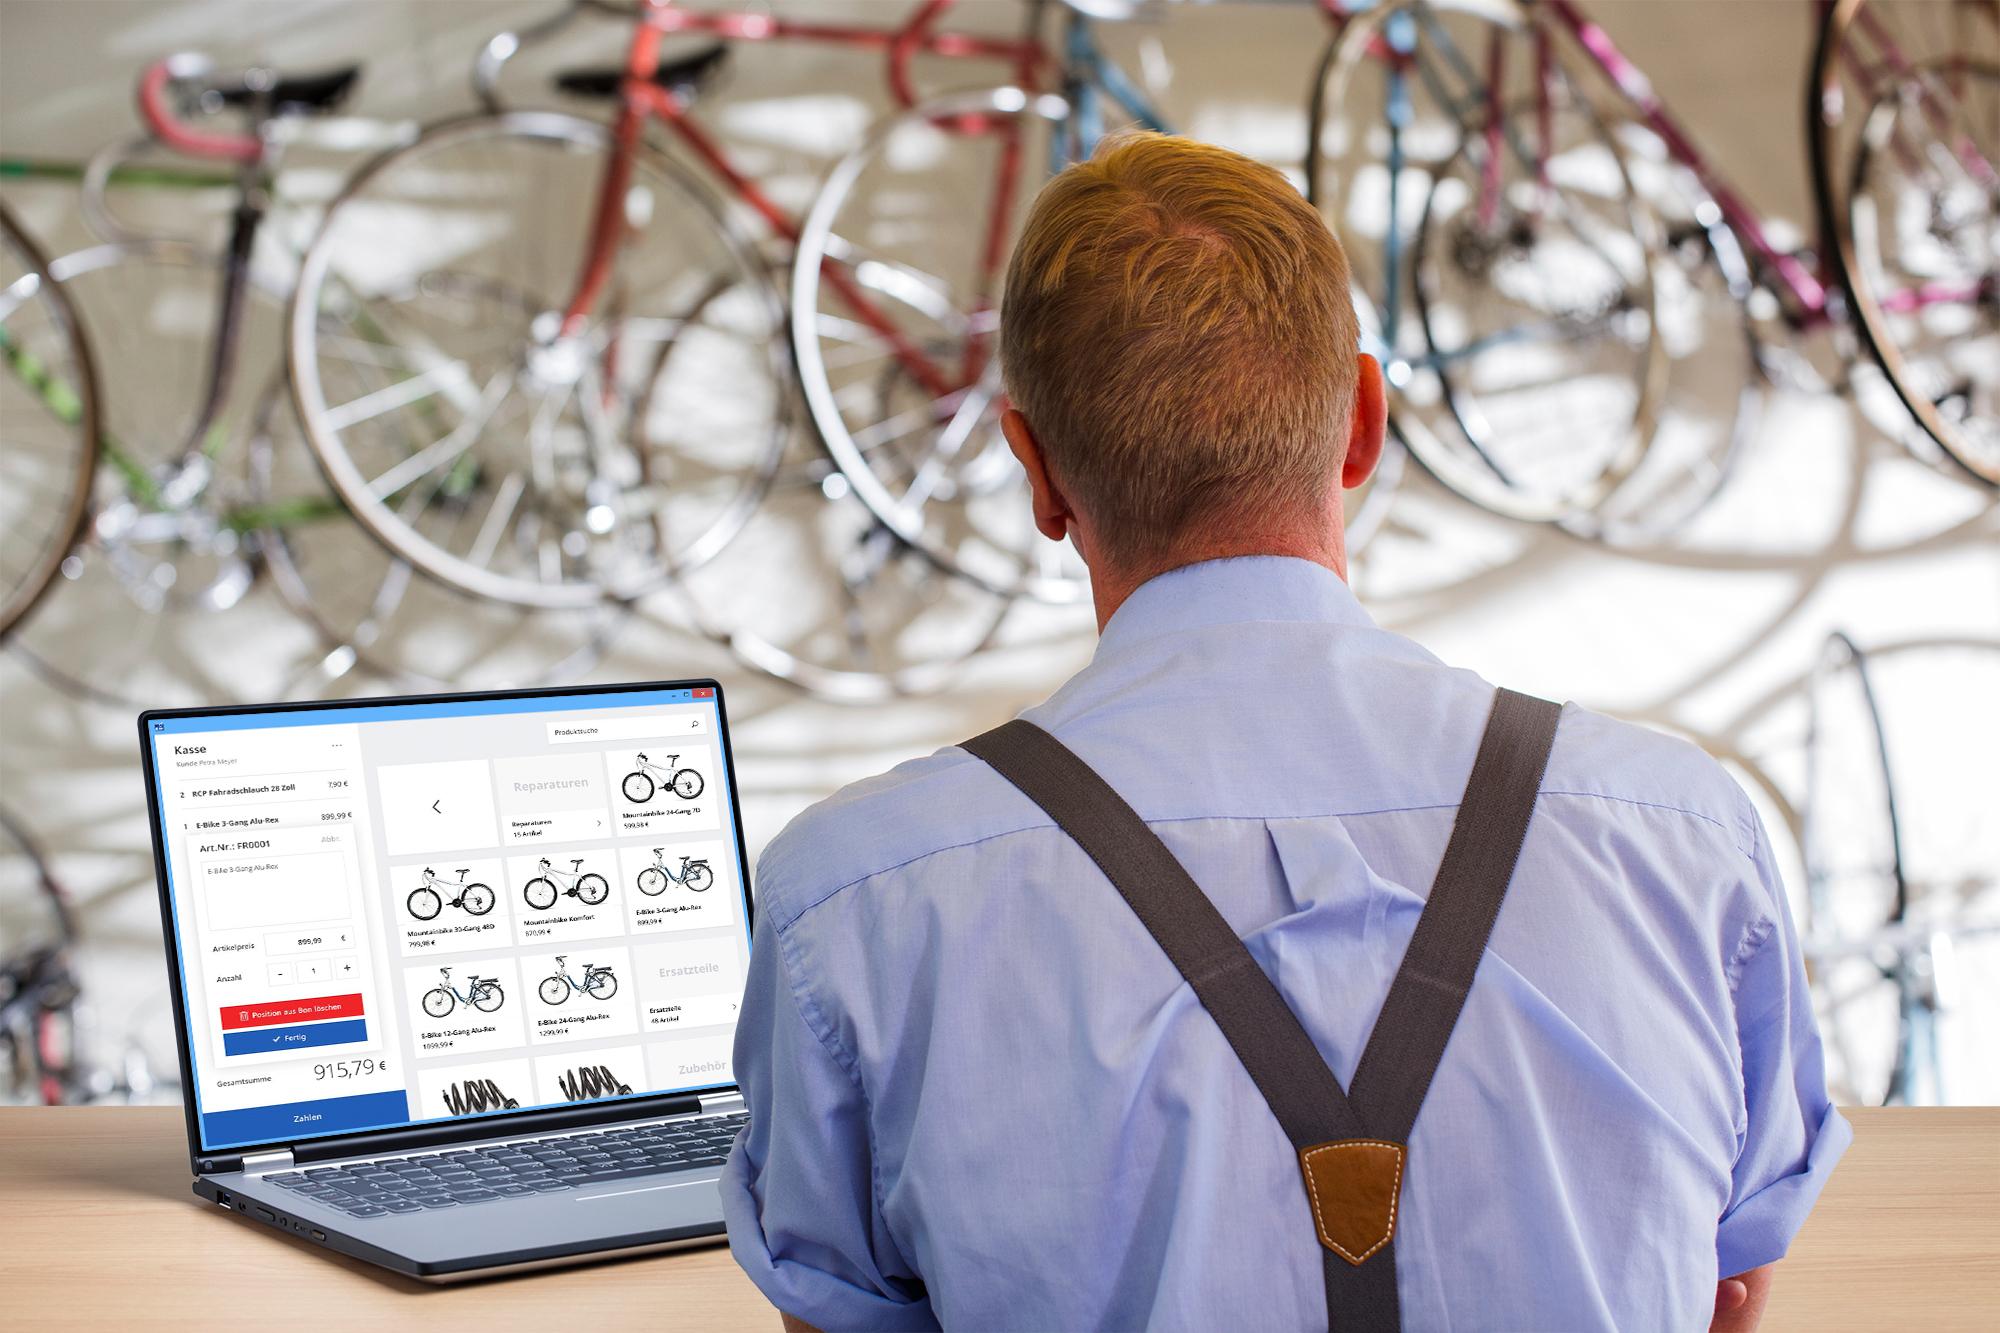 Registrierkasse: Blick auf Laptop | orgaMAX Bürosoftware